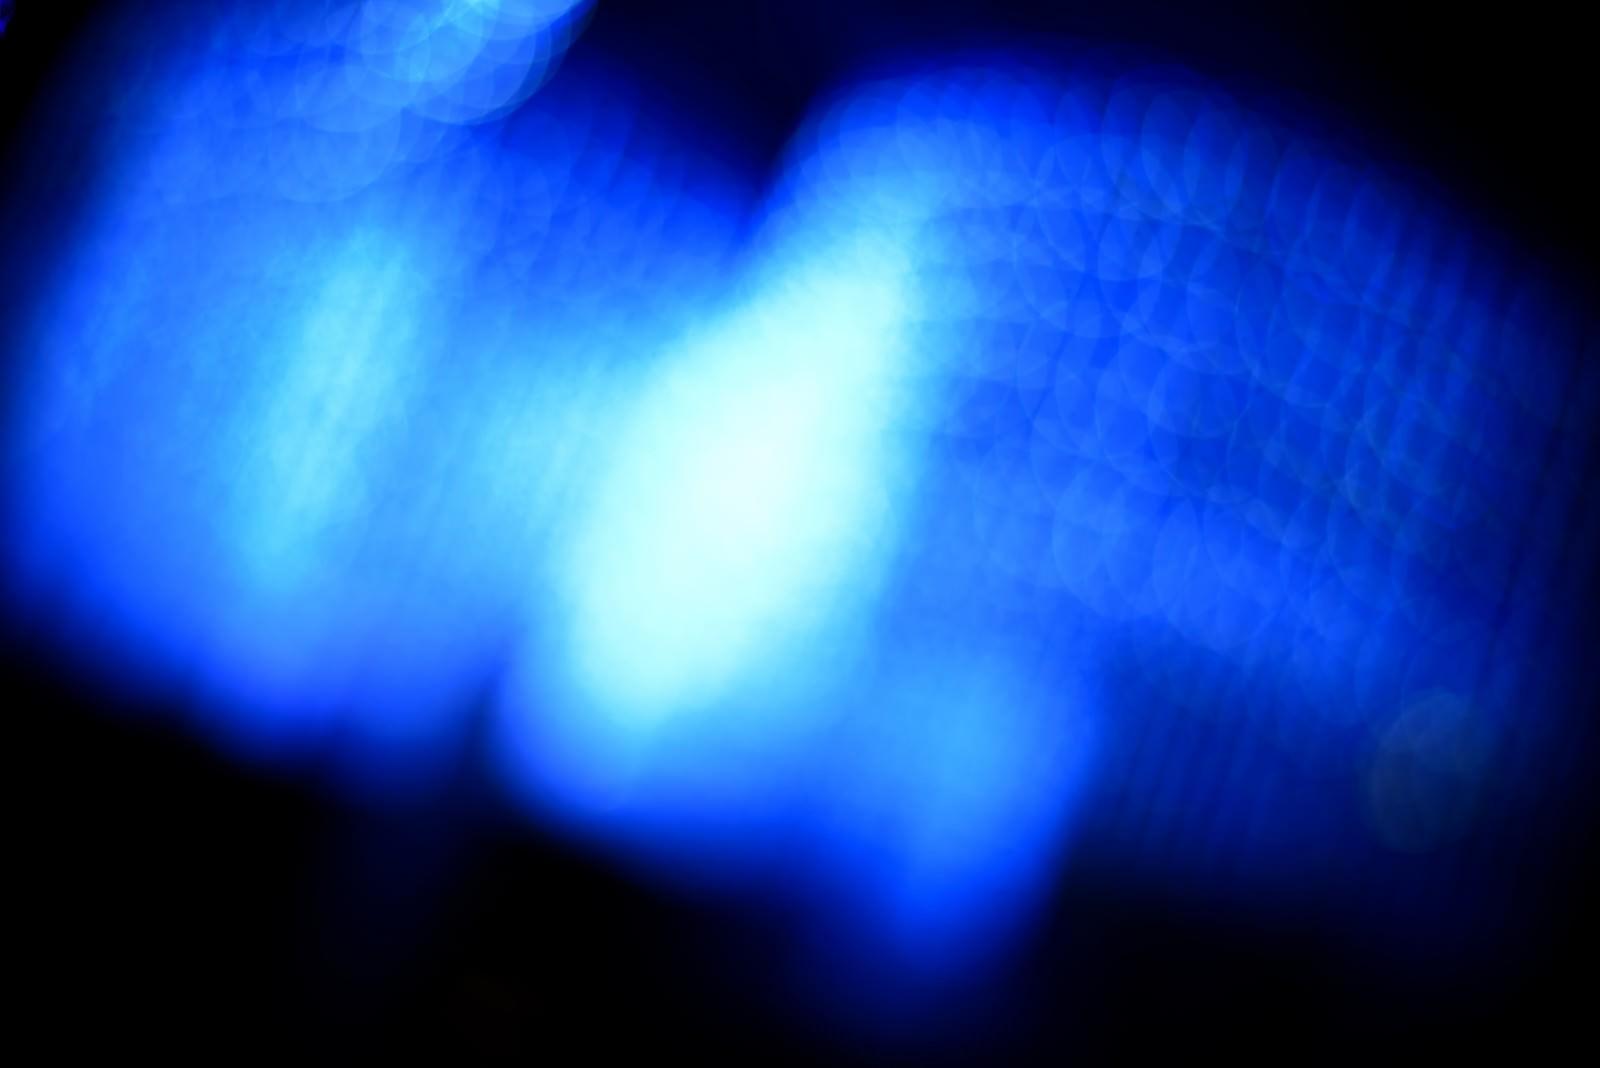 「夜の青白い光夜の青白い光」のフリー写真素材を拡大